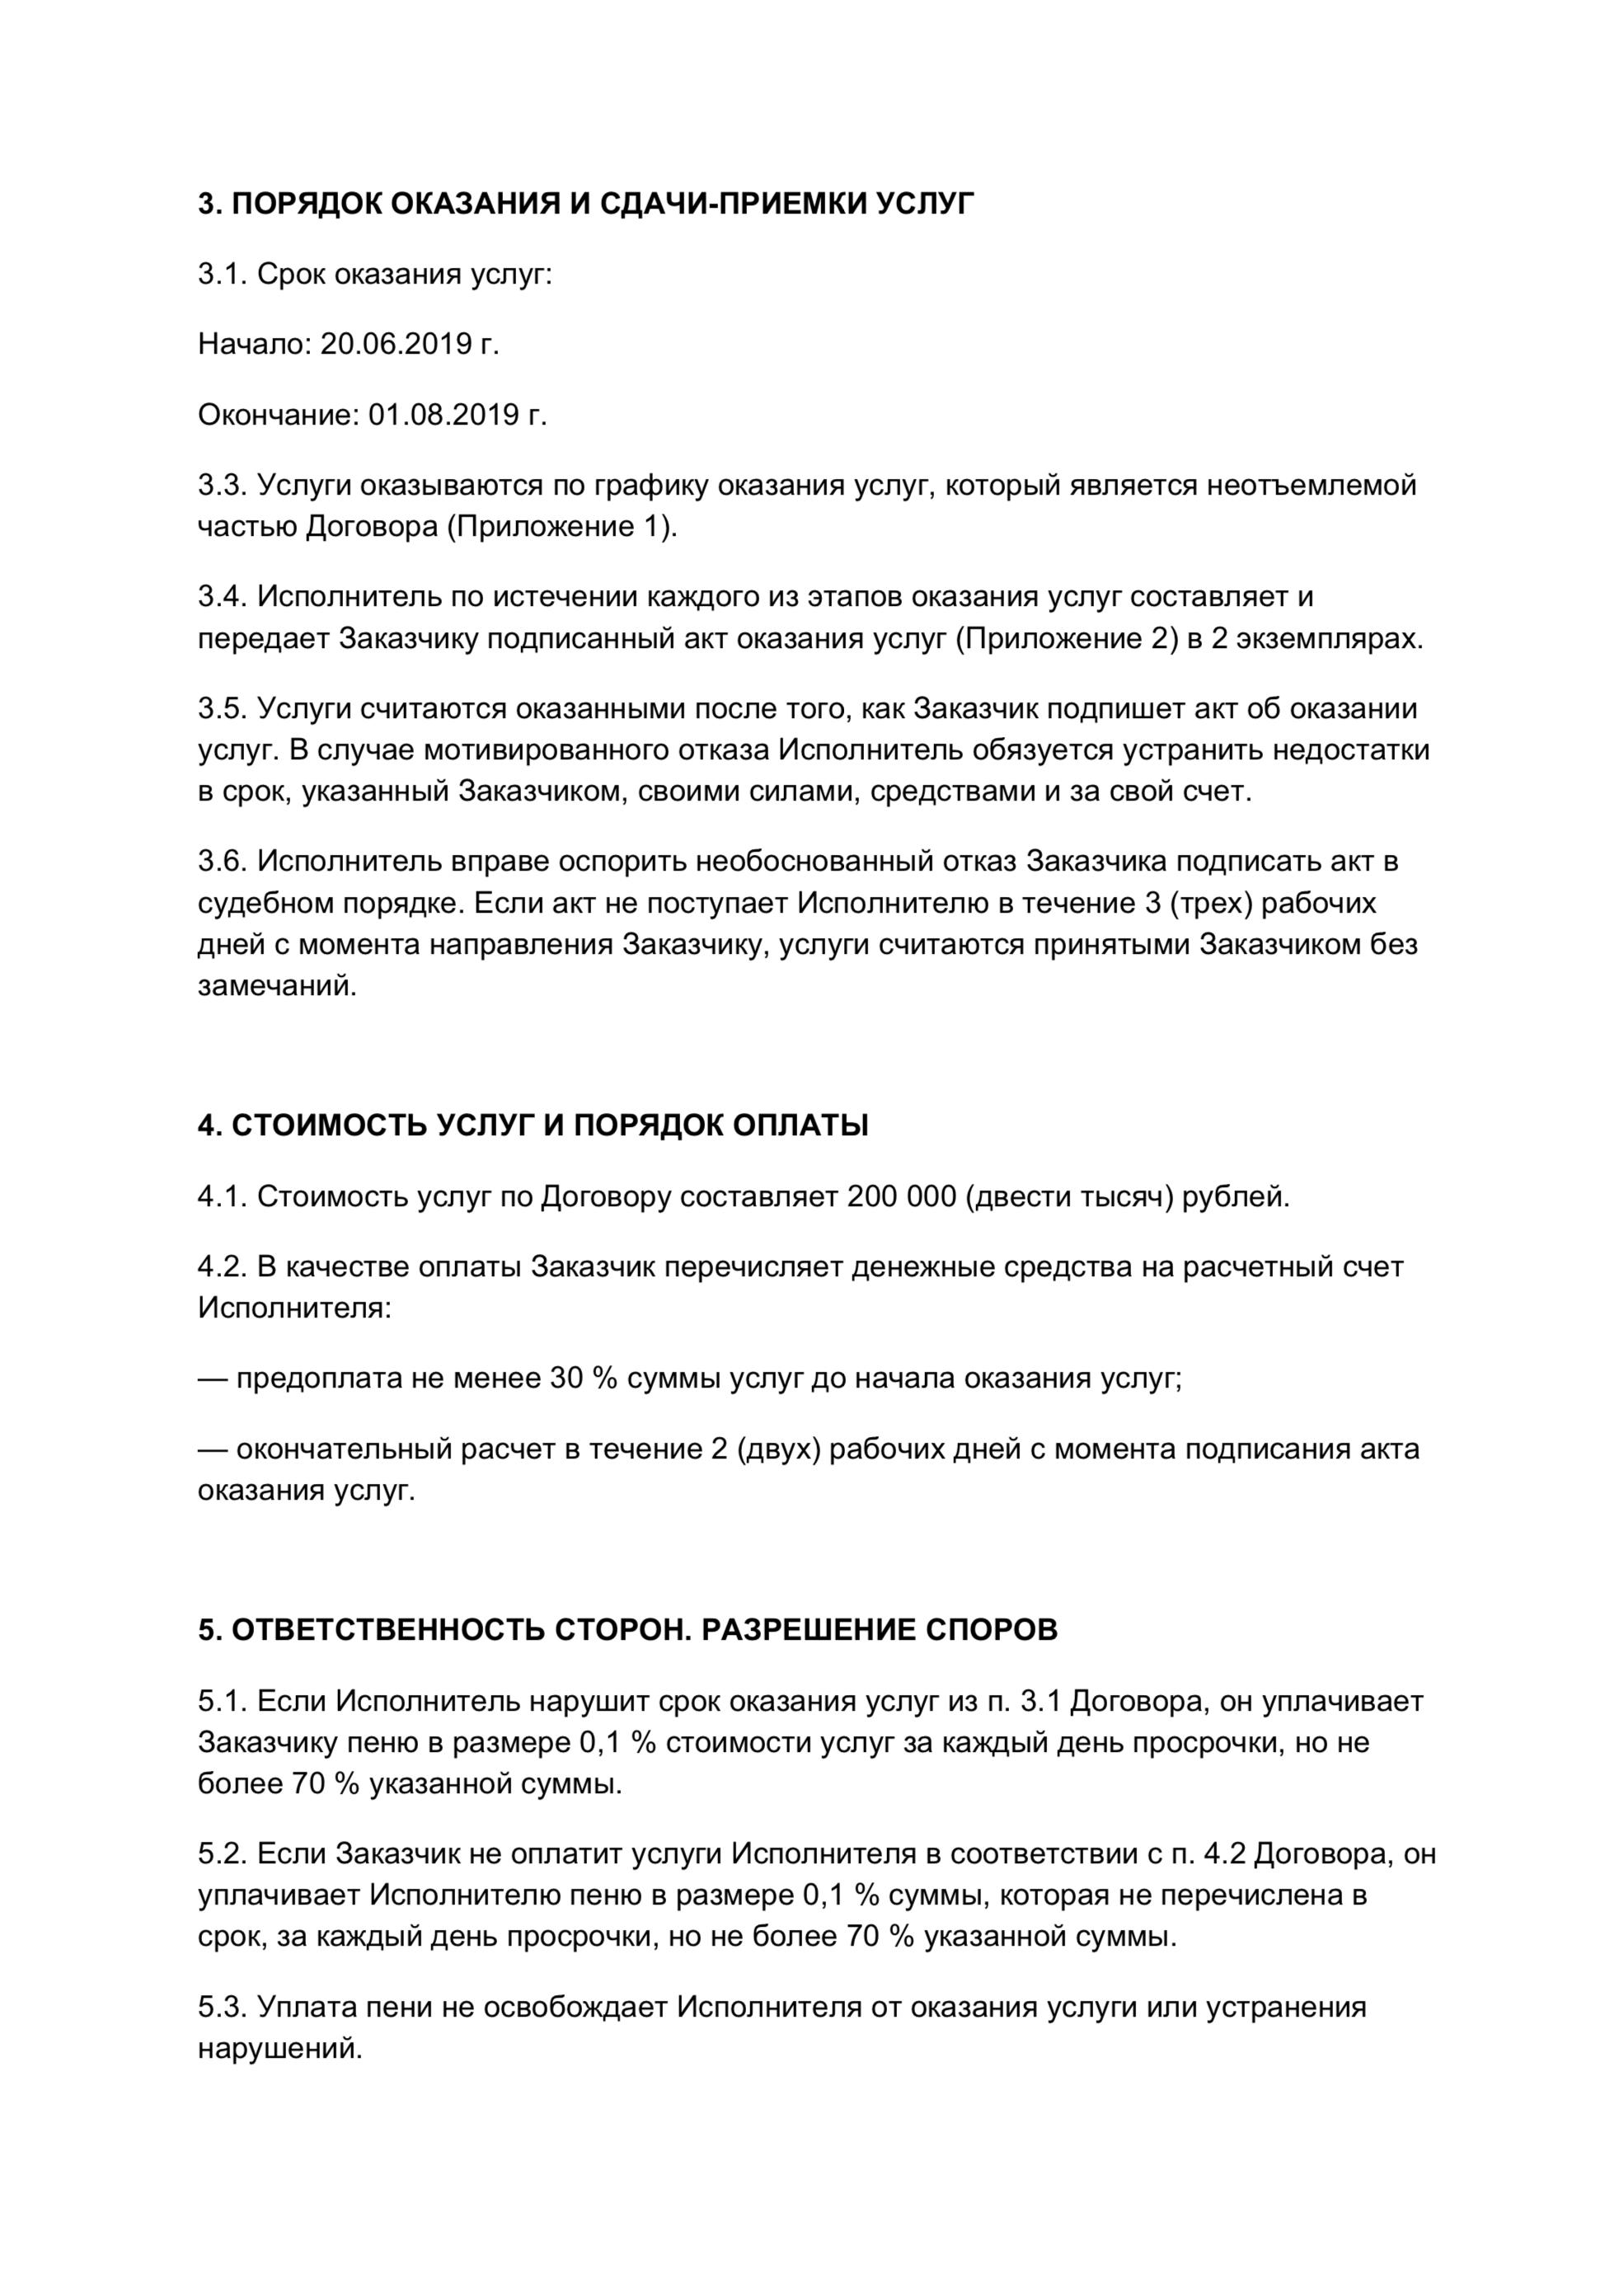 Договор возмездного оказания услуг